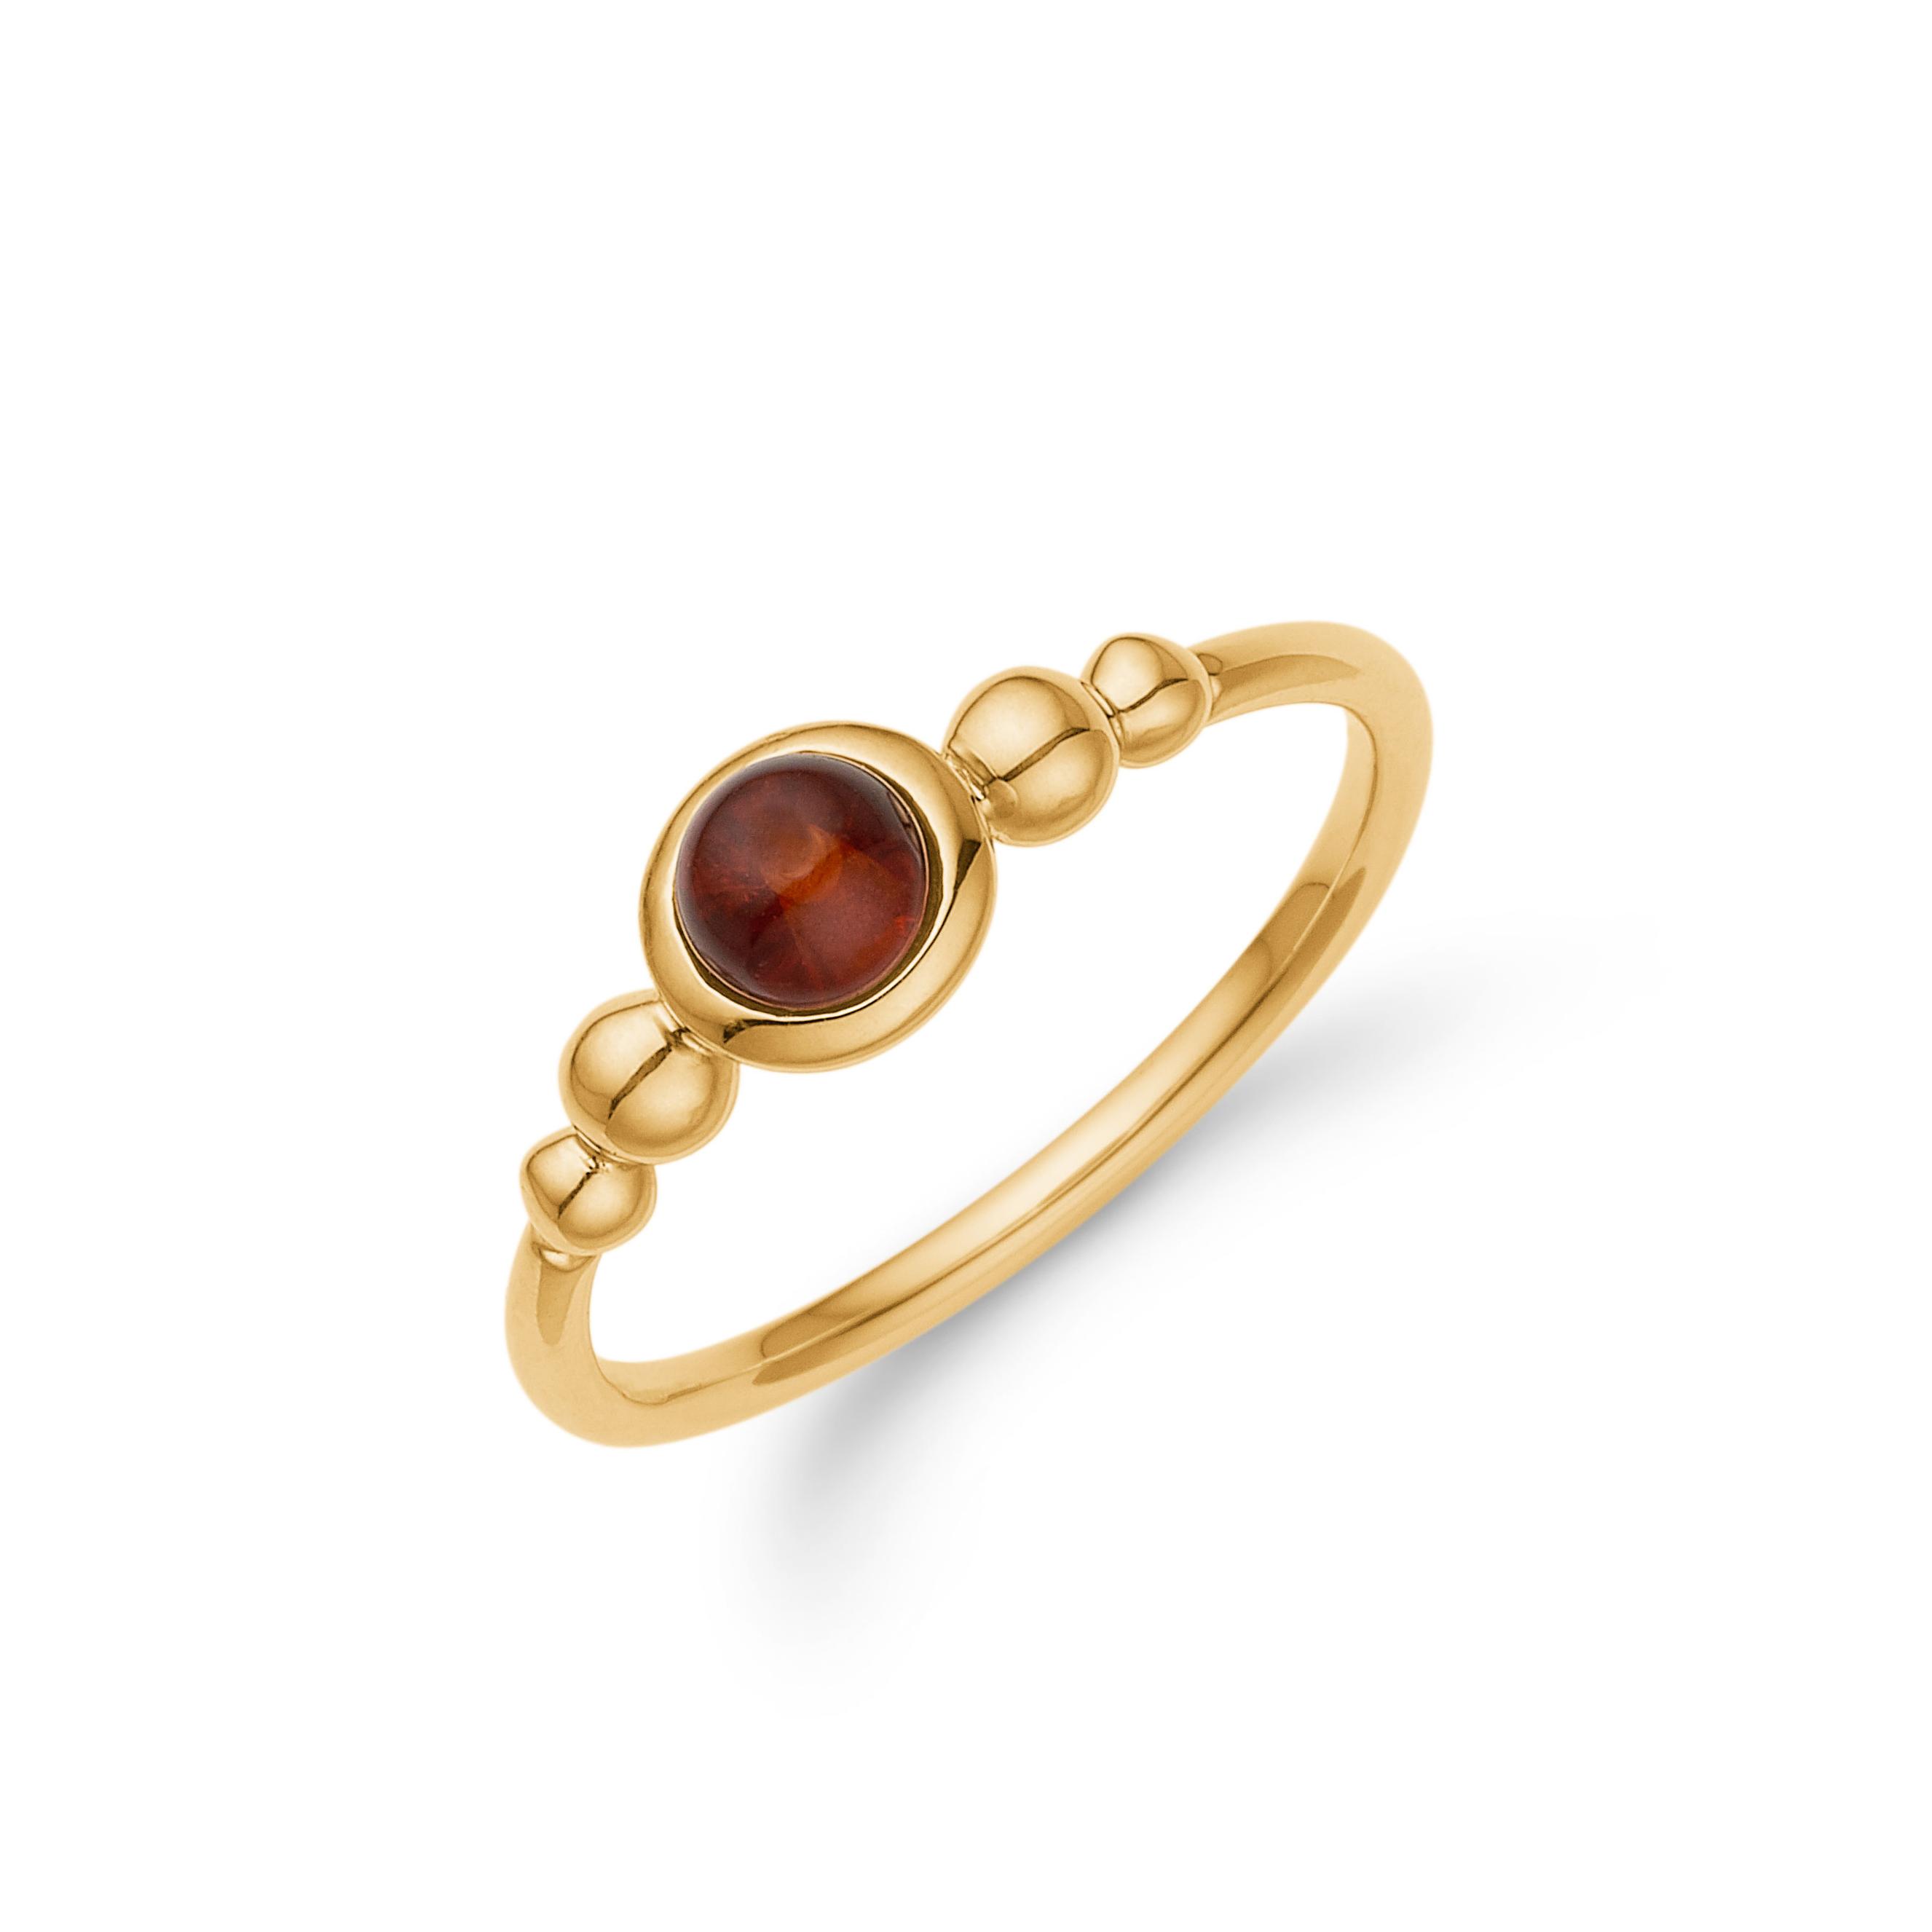 Guld ring med rav - Grindsted Guldsmed 1cb101c817c72